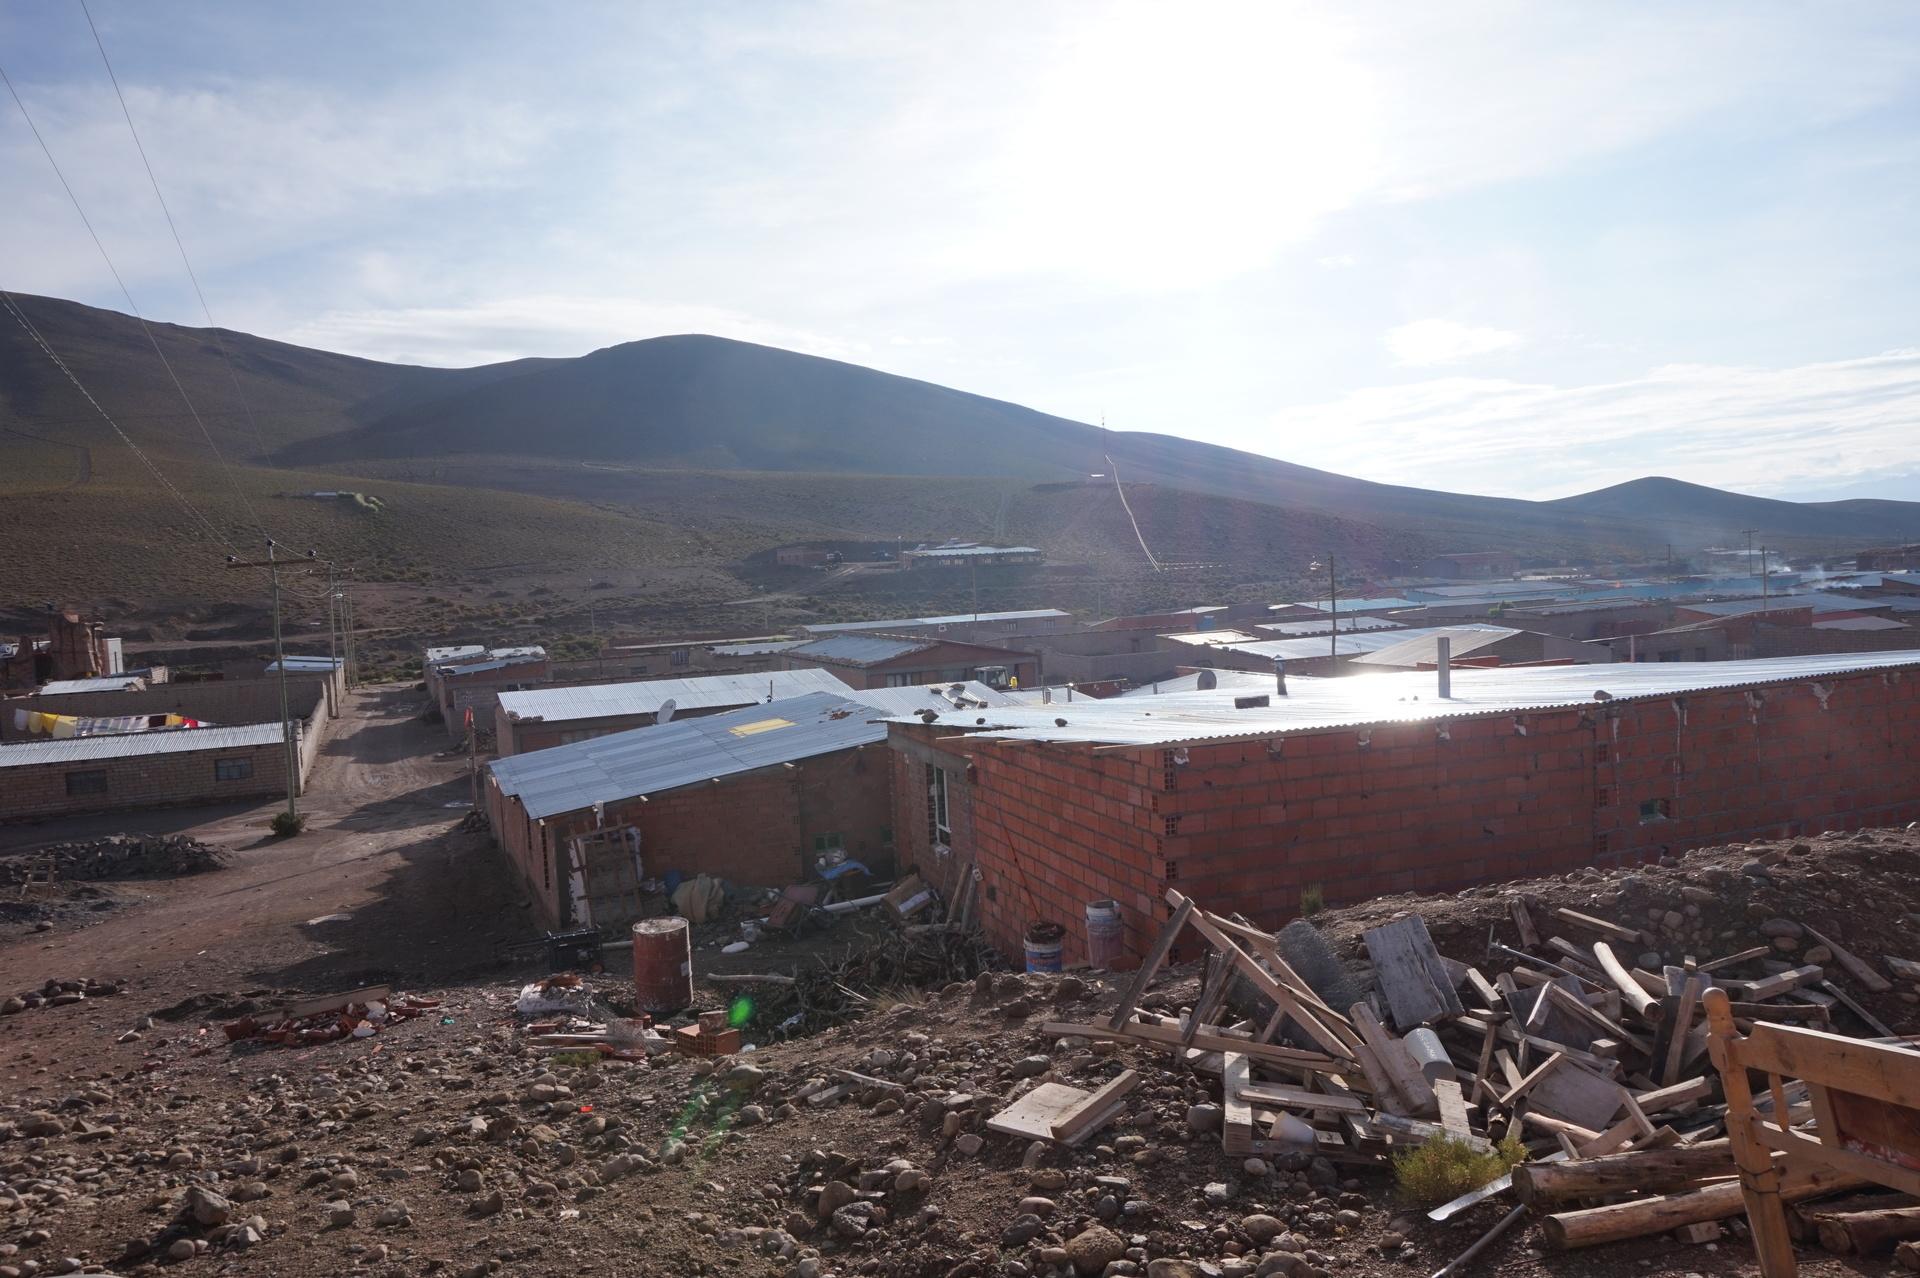 チリ ボリビア ウユニ旅行 2泊3日ツアー 屋根